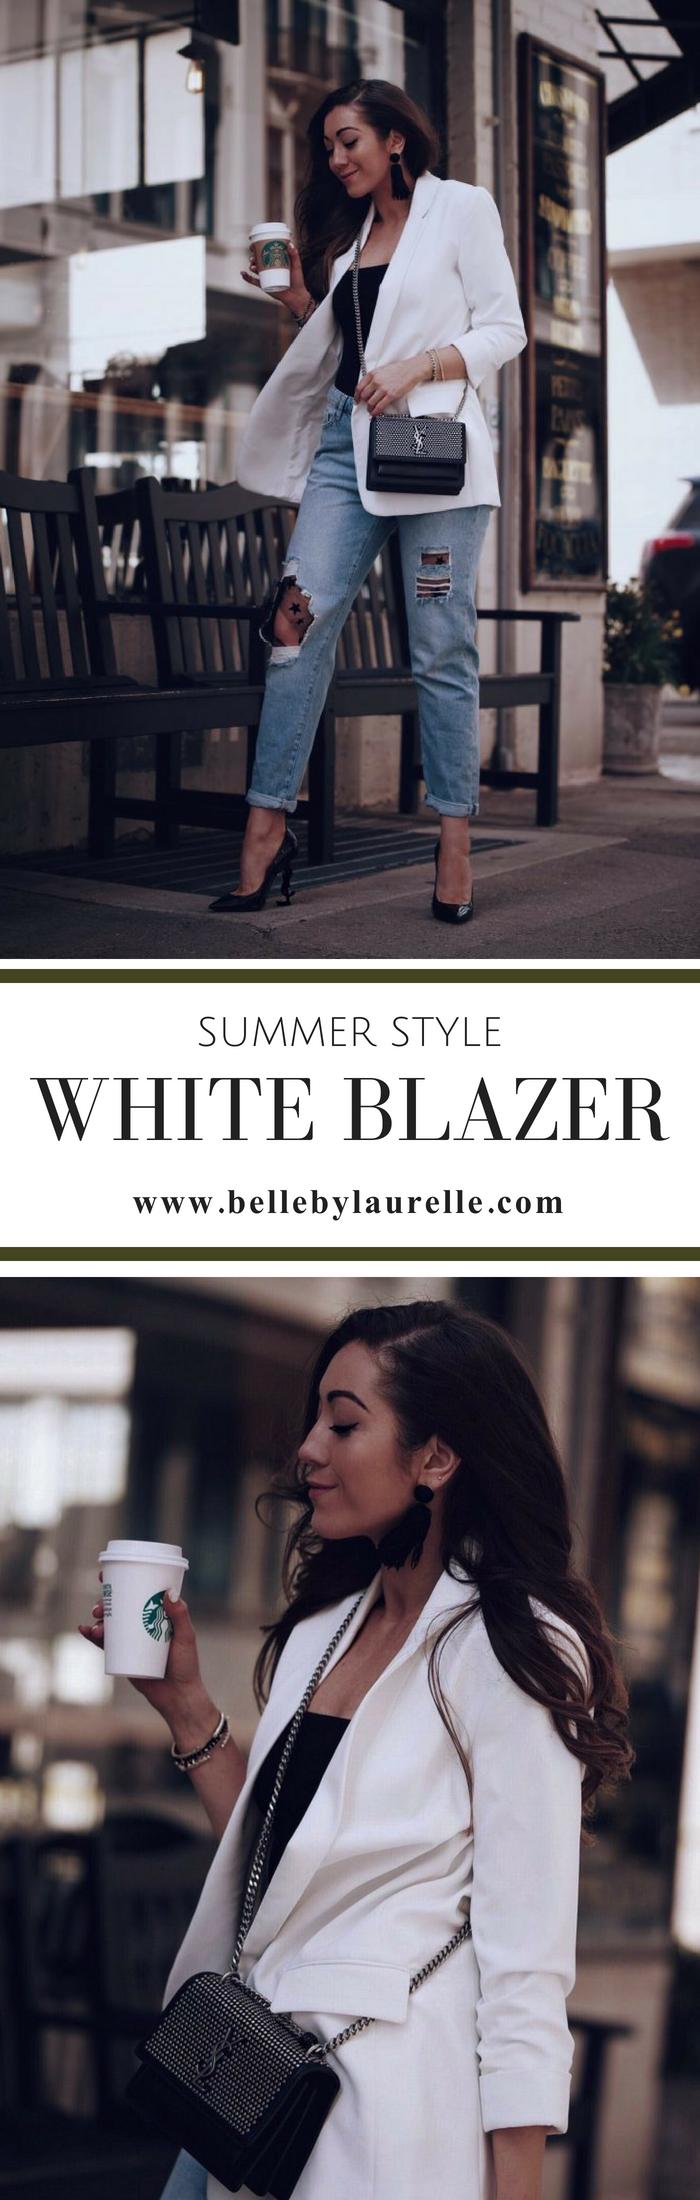 SUMMER STYLE WHITE BLAZER Belle by Laurelle